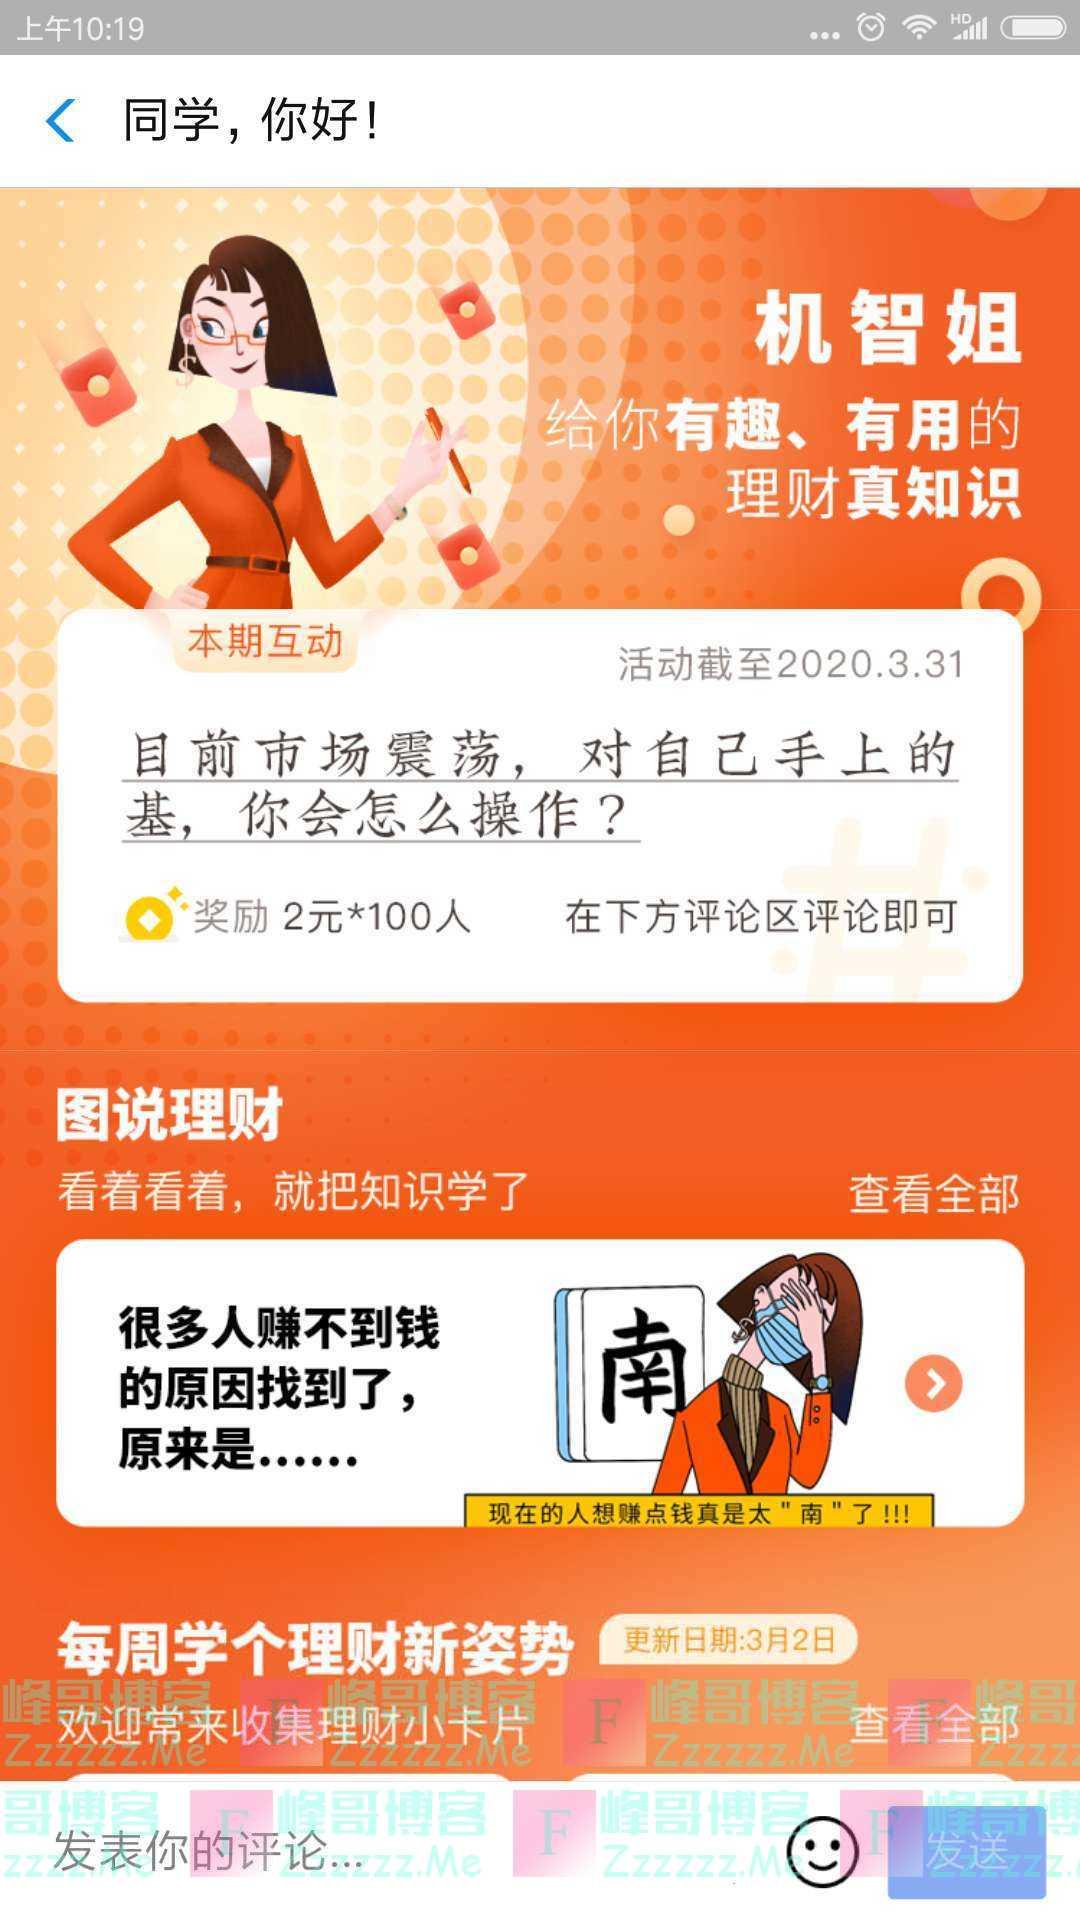 光大保德信基金留言领红包(截止3月31日)